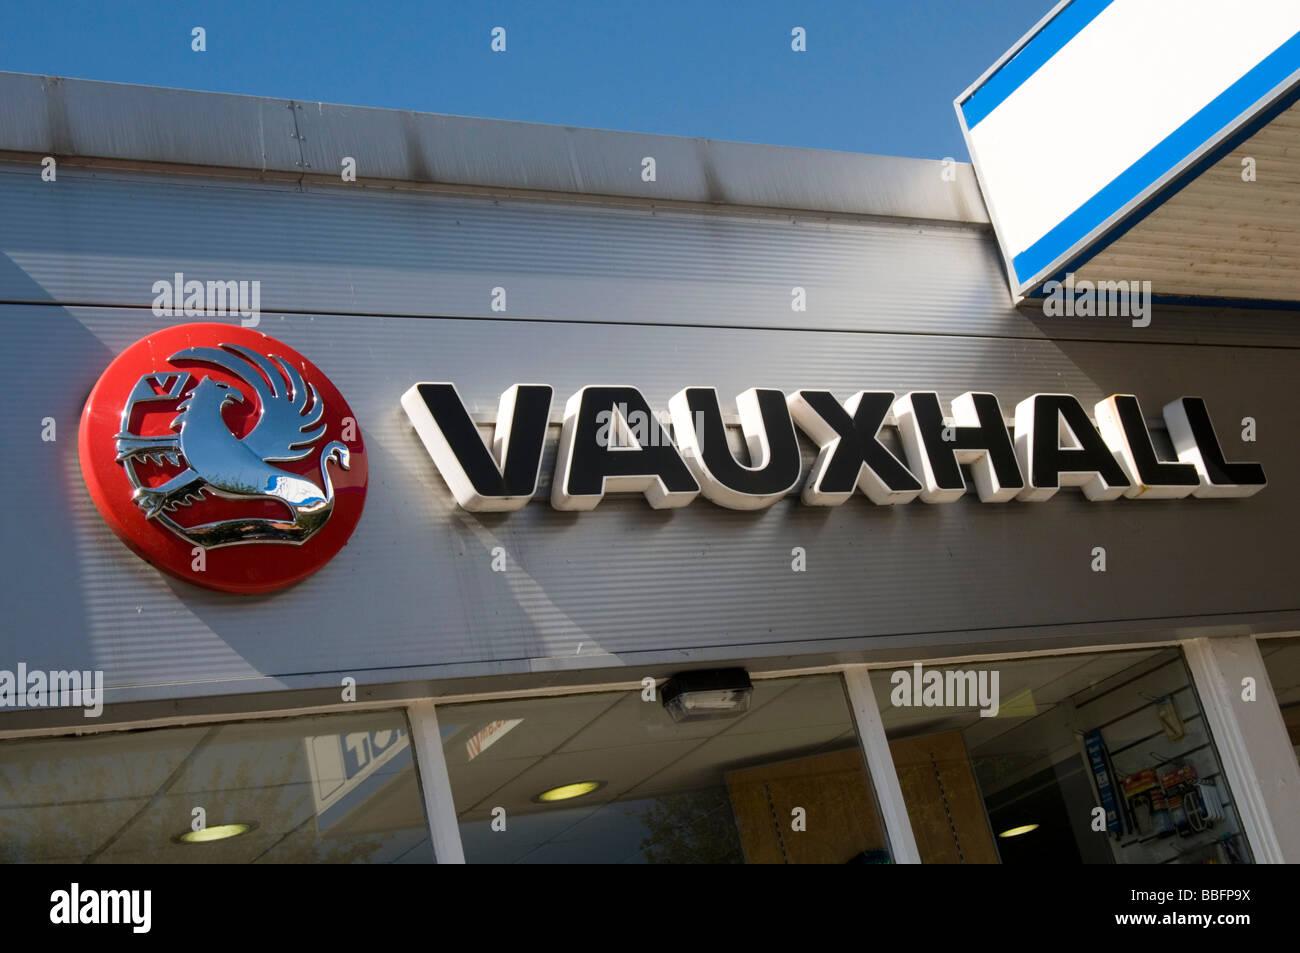 vauxhall car cars gm general motors magna european brand brands english uk dealer dealership dealerships network - Stock Image